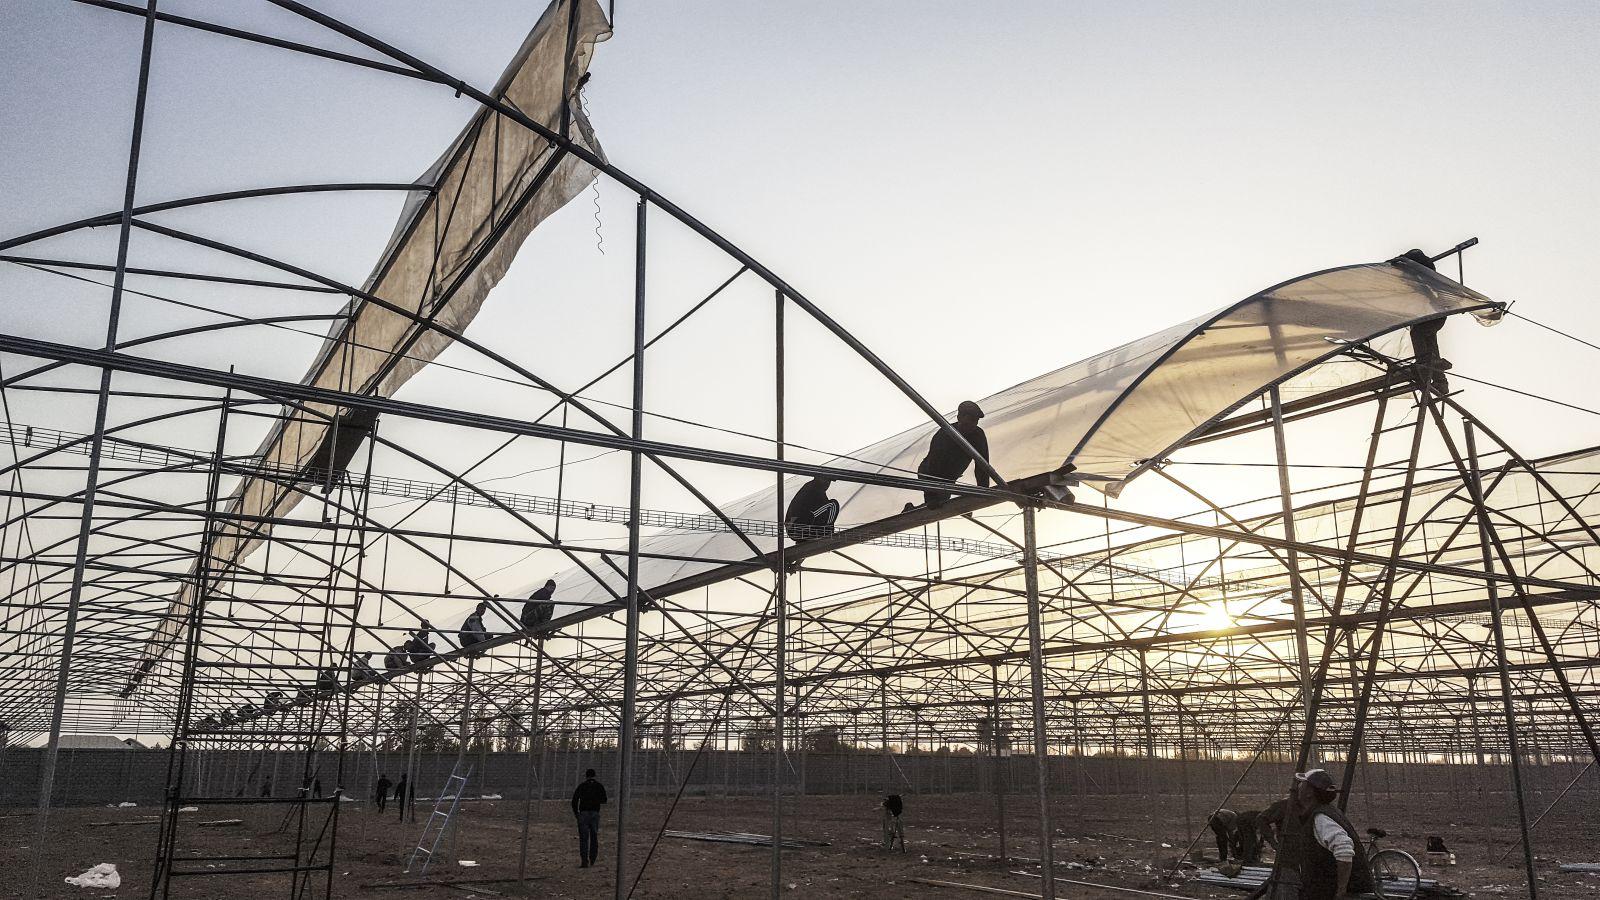 Công ty Argos- mang đến giải pháp nông nghiệp công nghệ cao từ Israel